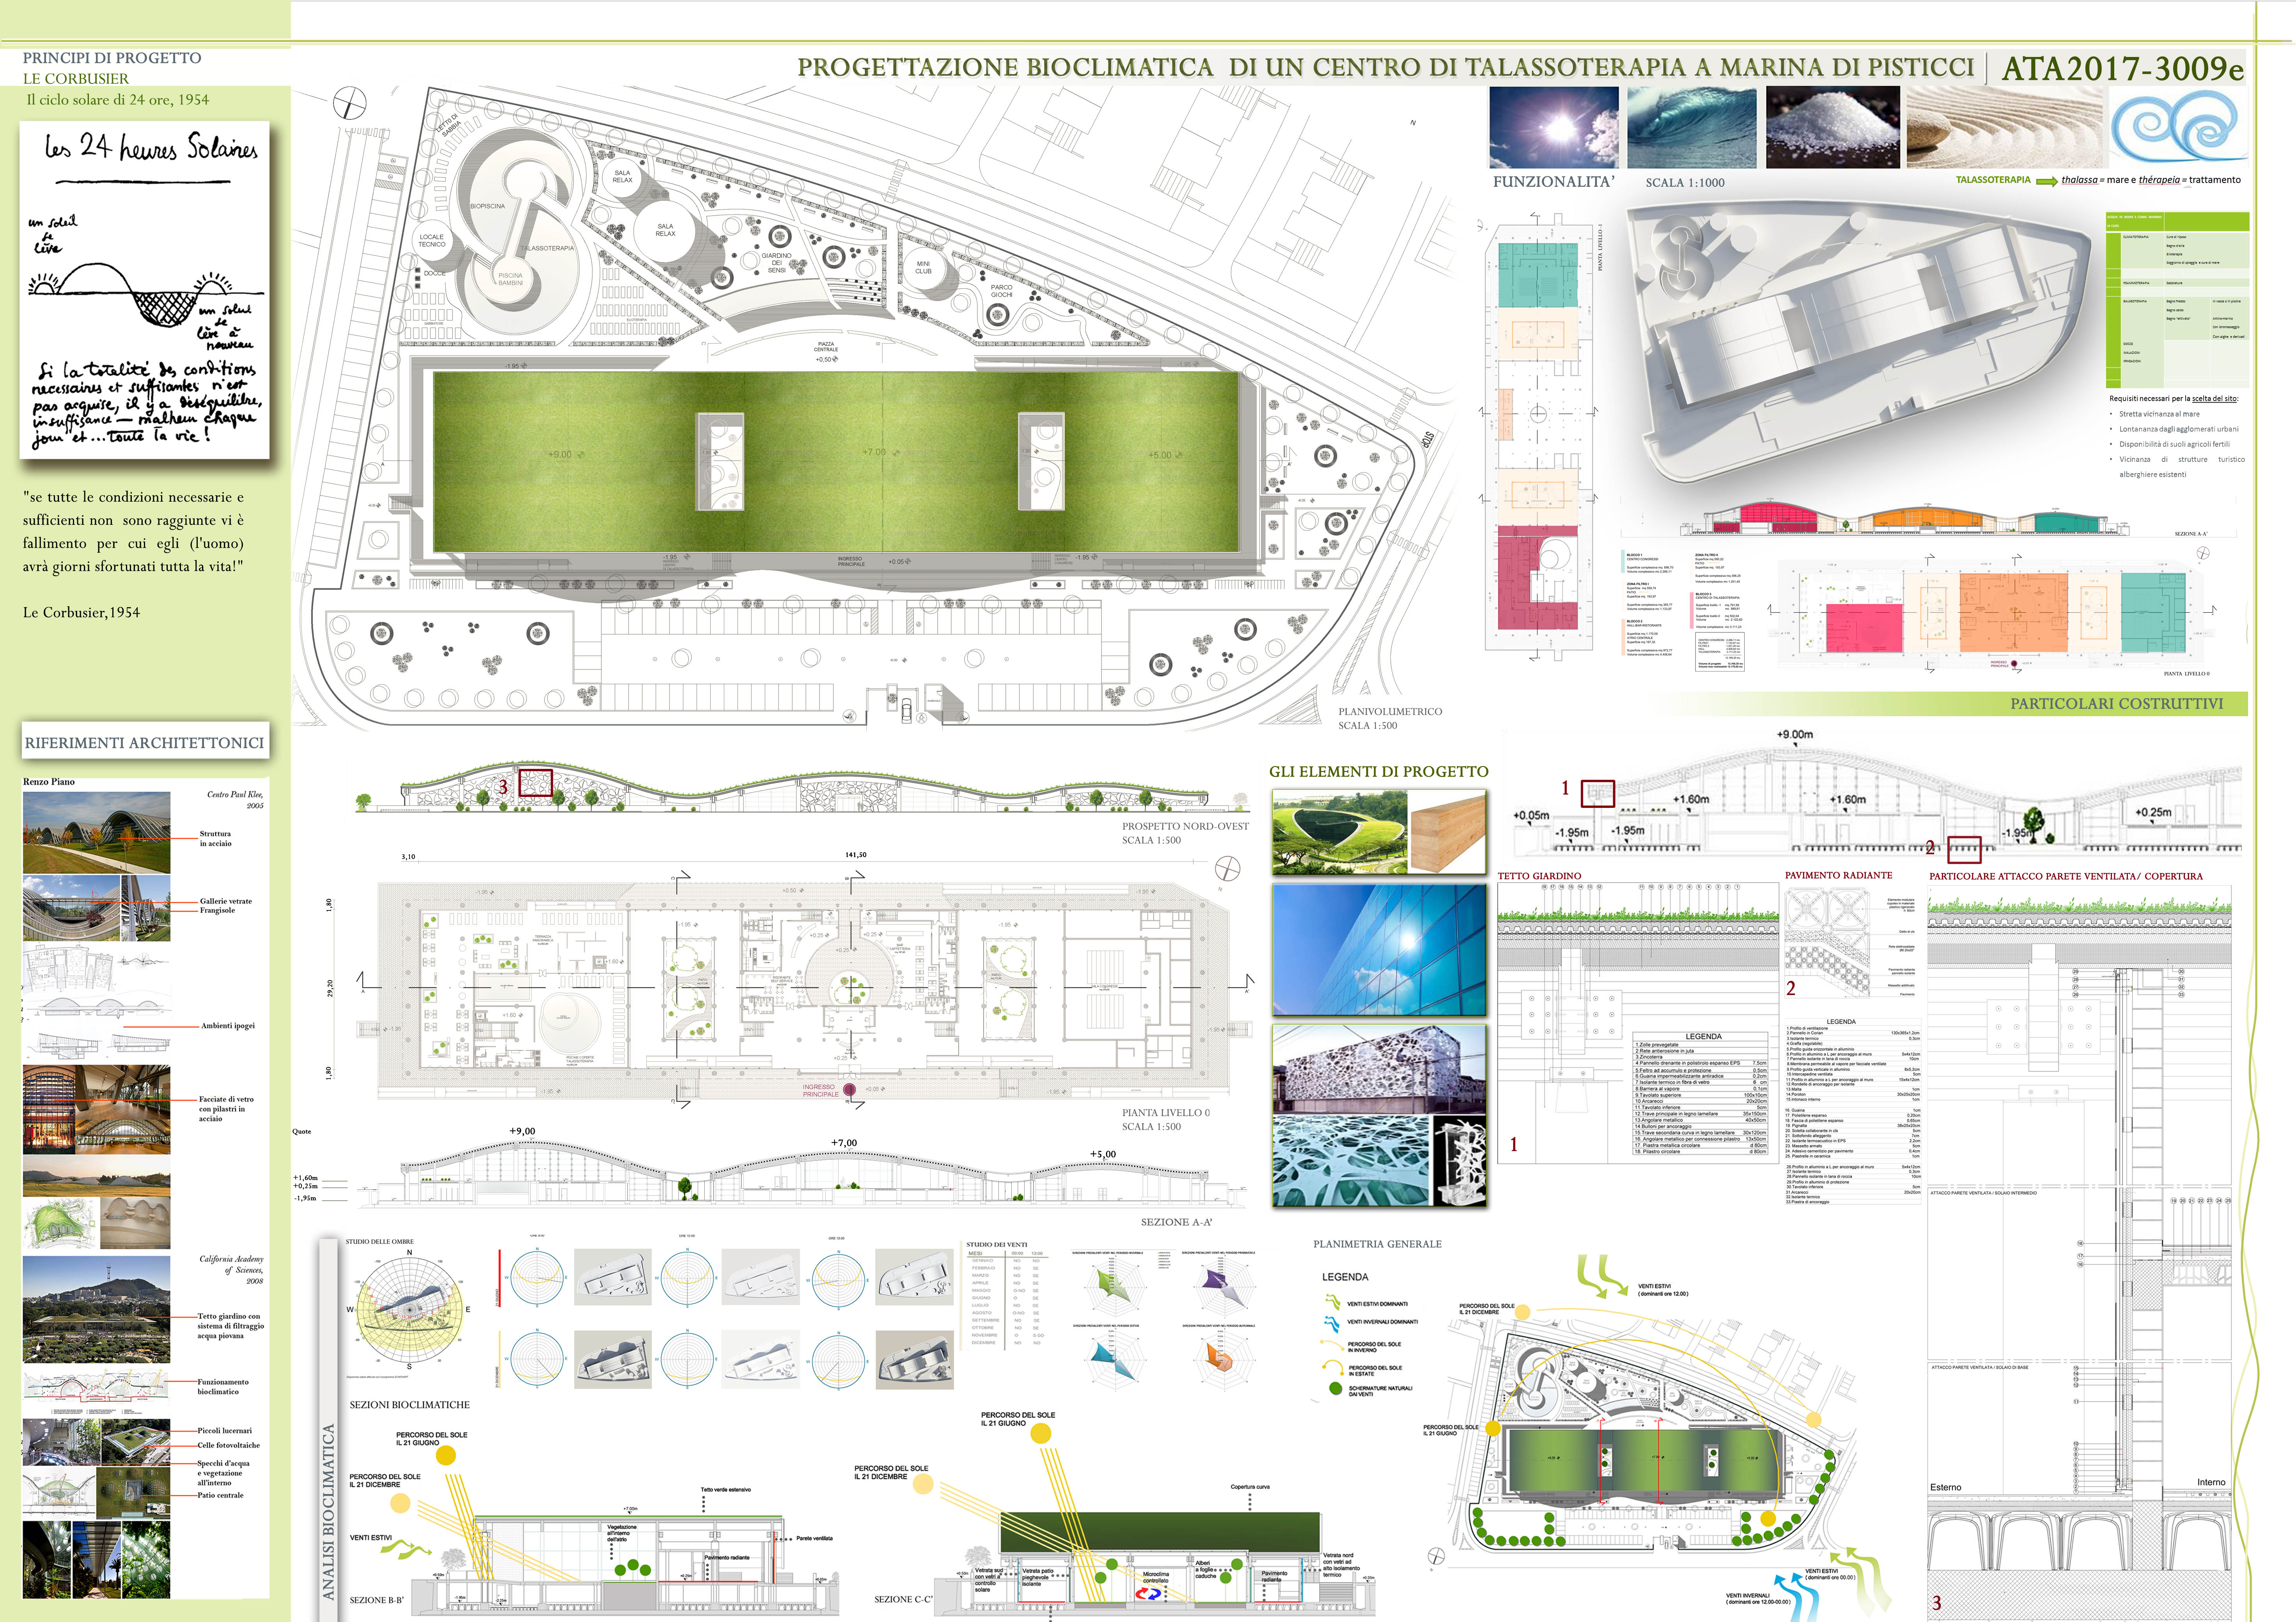 Progettazione bioclimatica di un centro di talassoterapia a Marina di Pisticci Board